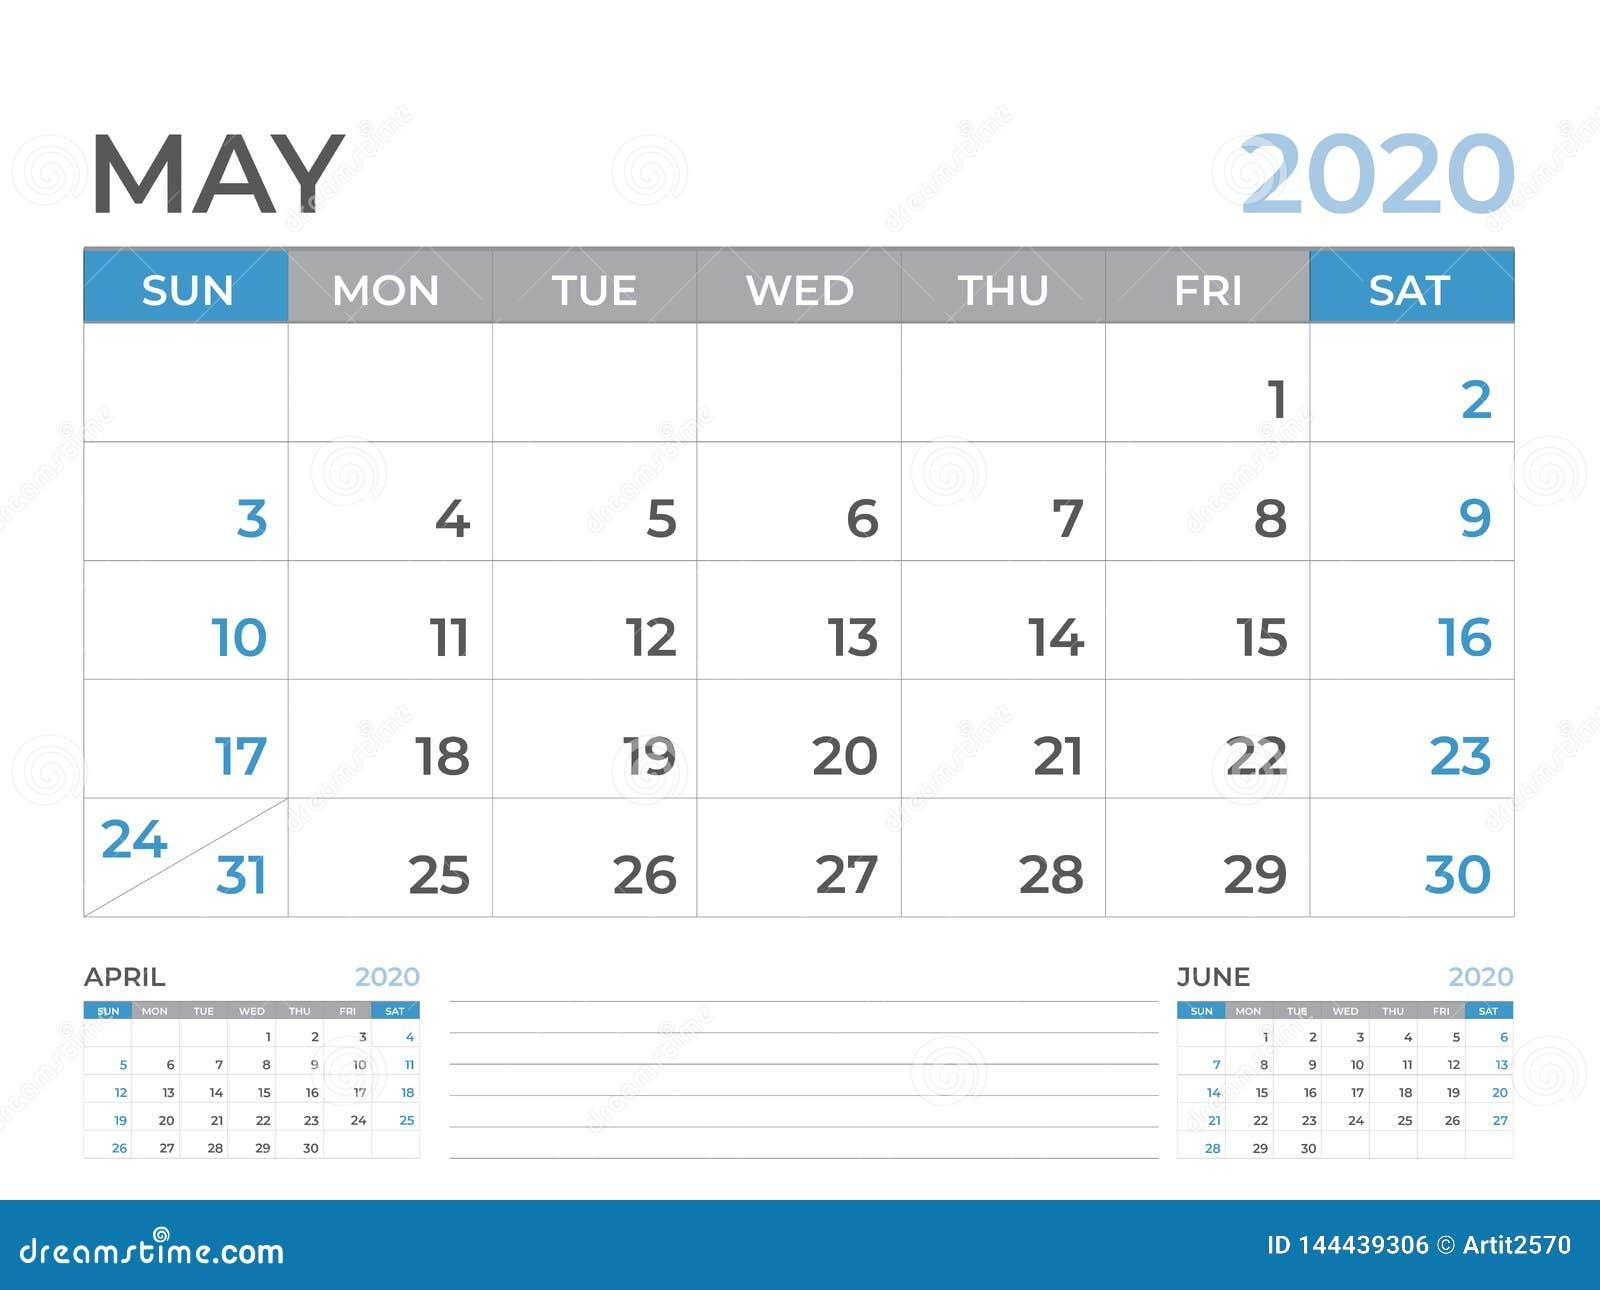 Mai 2020 Kalenderschablone, Tischkalender-Plan Größe 8 x 6 Zoll, Planerentwurf, Wochenanfänge am Sonntag, Briefpapierentwurf